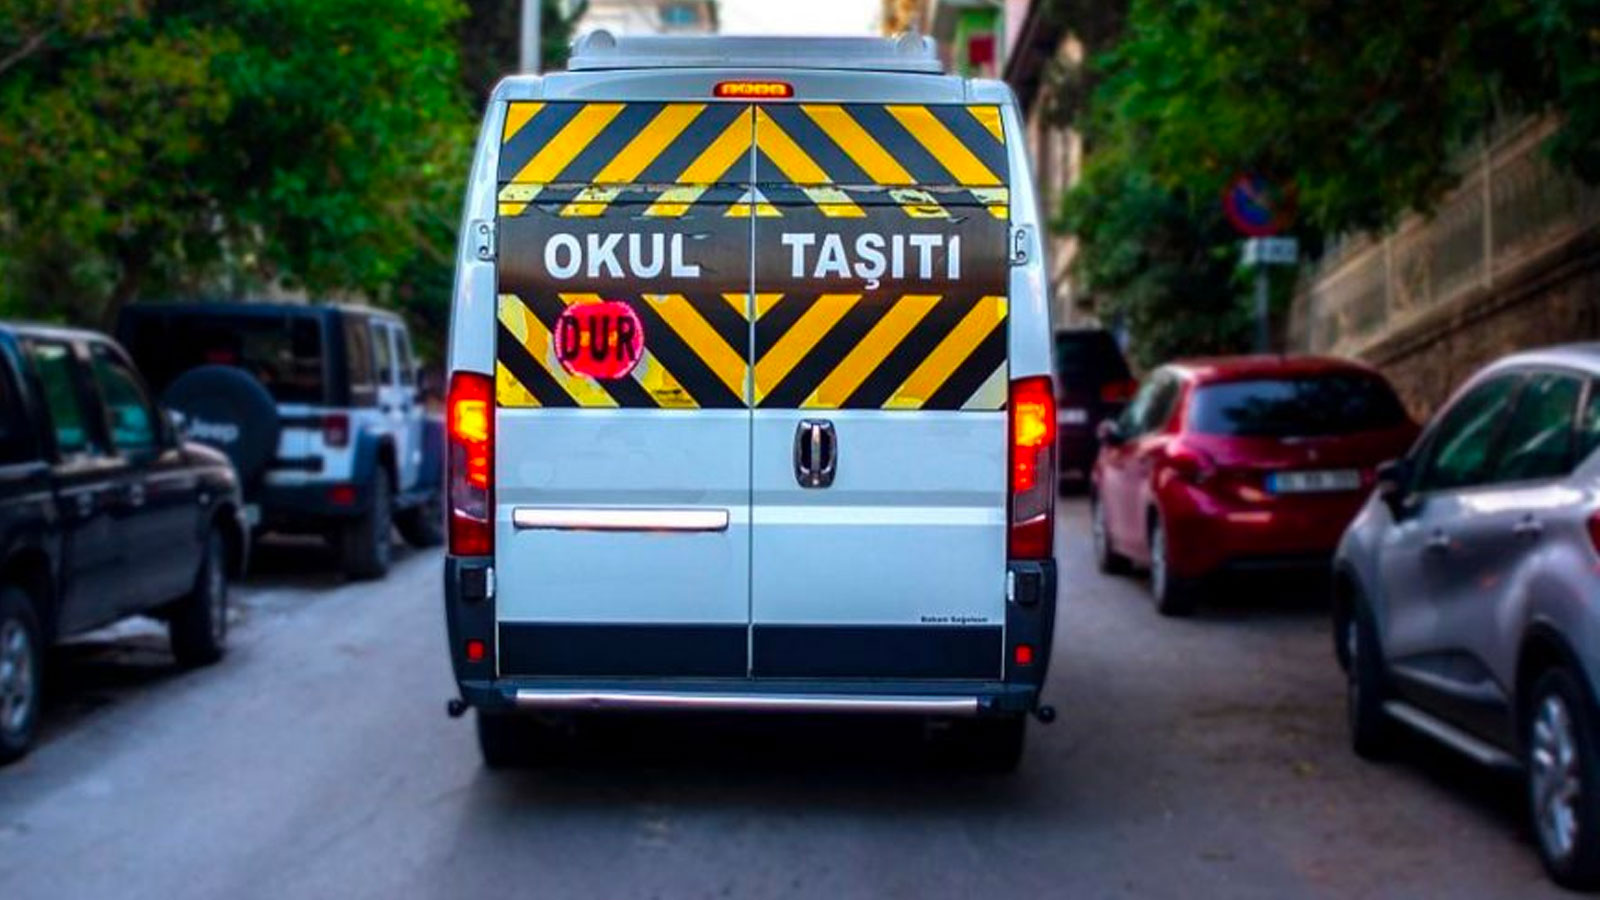 Öğrenci servis ücretleri 2020 |İstanbul, Ankara, İzmir öğrenci servis ücretleri 2020